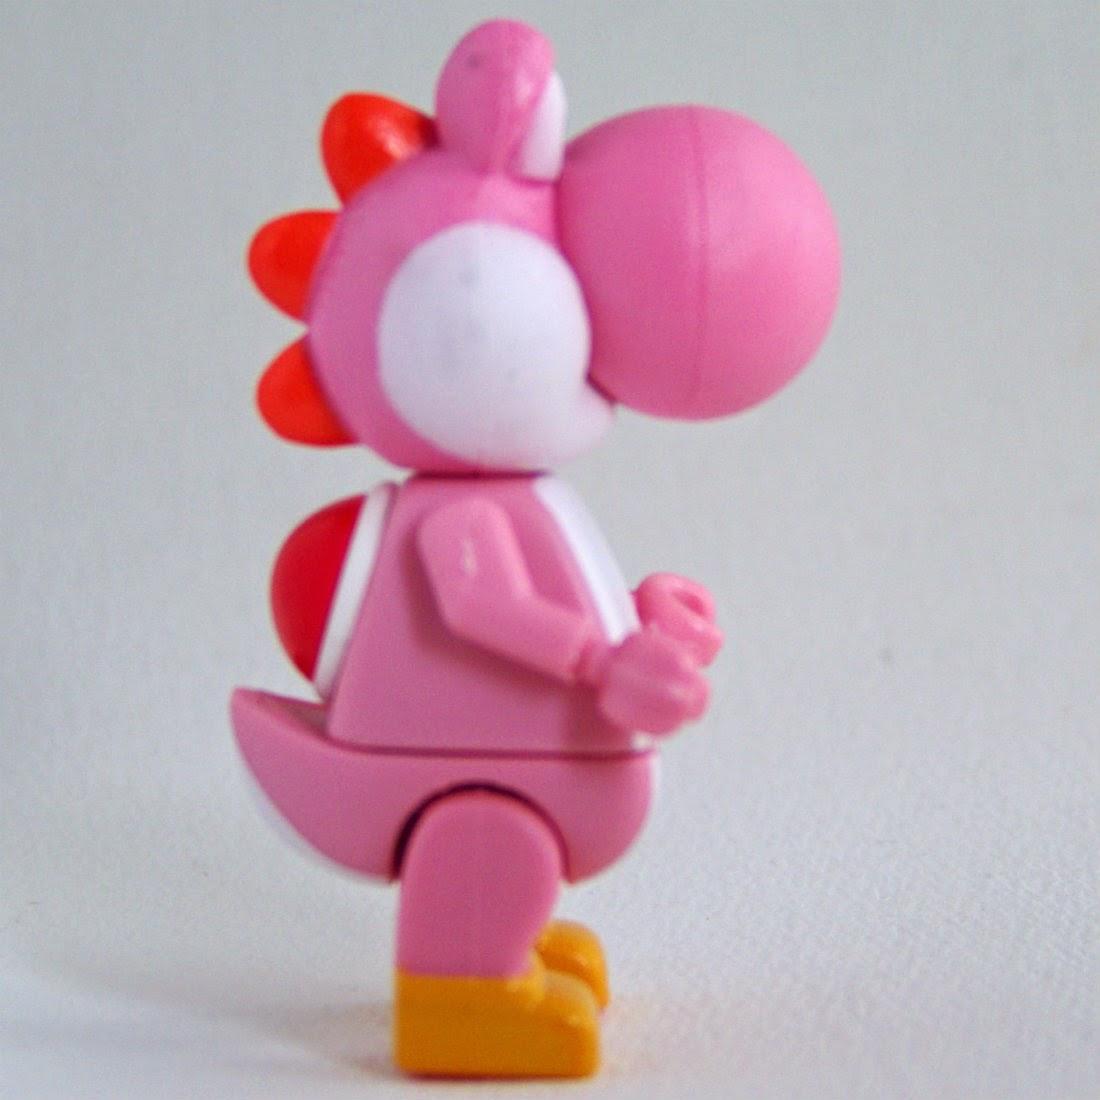 Knex Pink Yoshi series 3 review